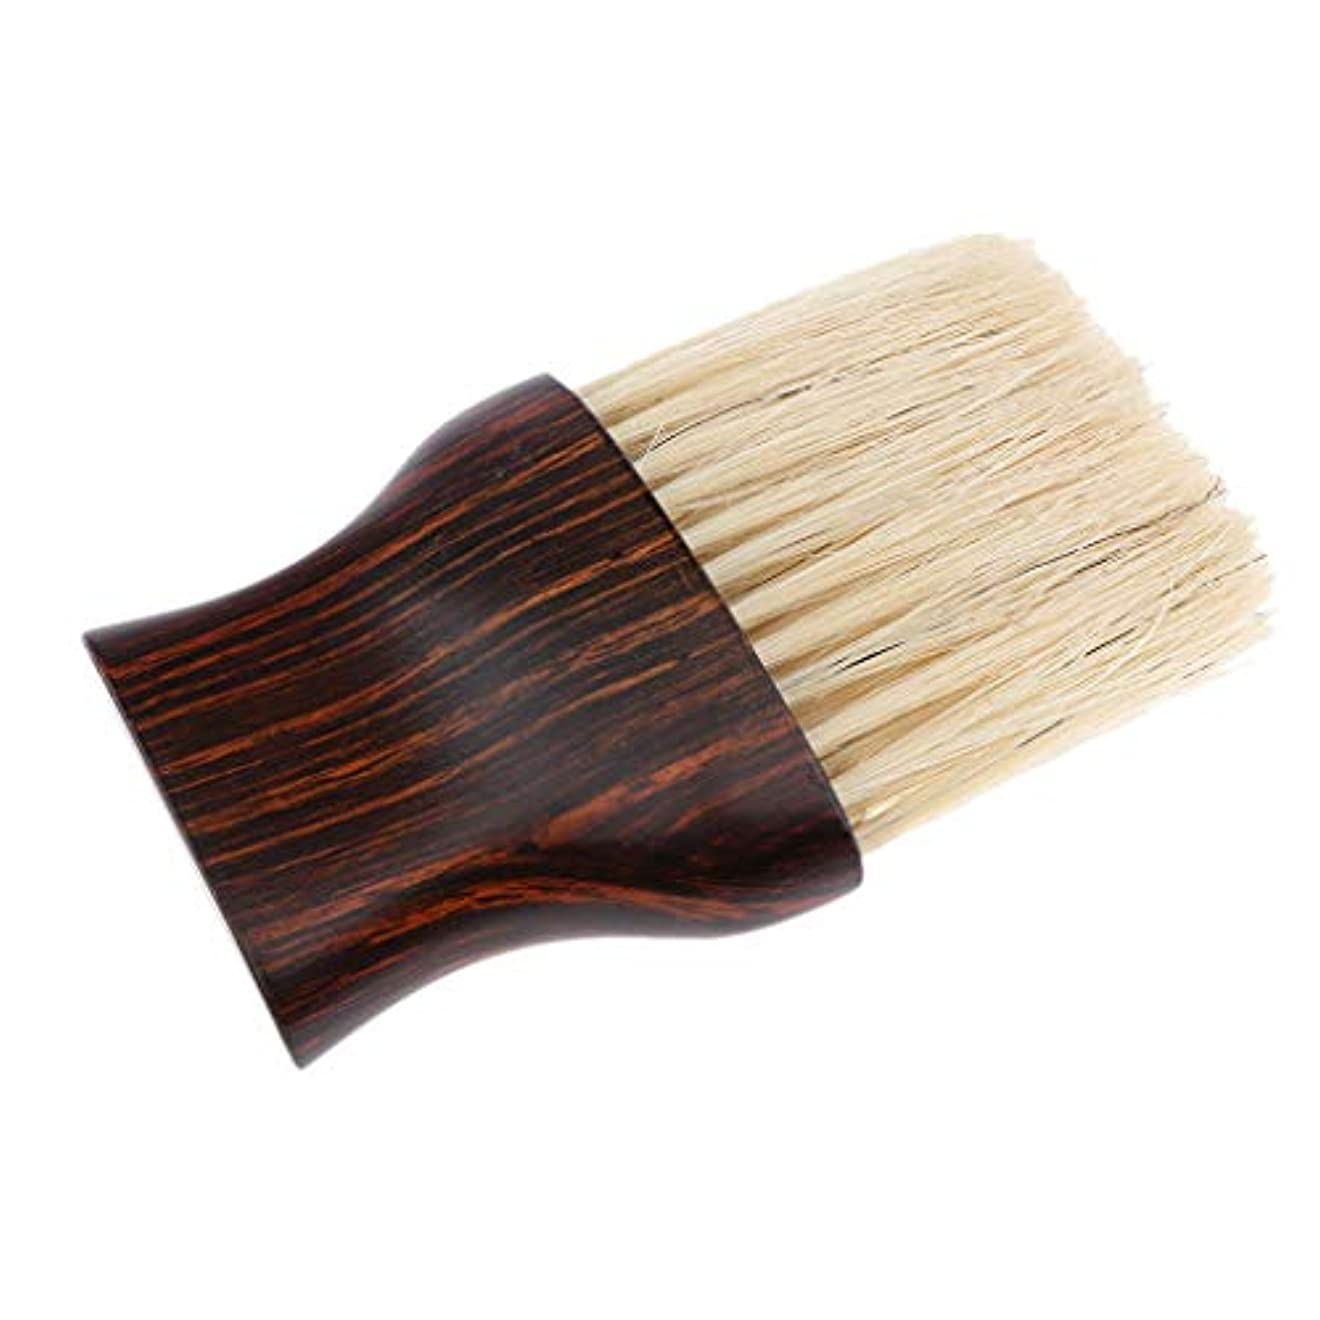 玉過敏なちょっと待ってヘアブラシ 毛払いブラシ 散髪 髪切り 散髪用ツール 床屋 理髪店 美容院 ソフトブラシ